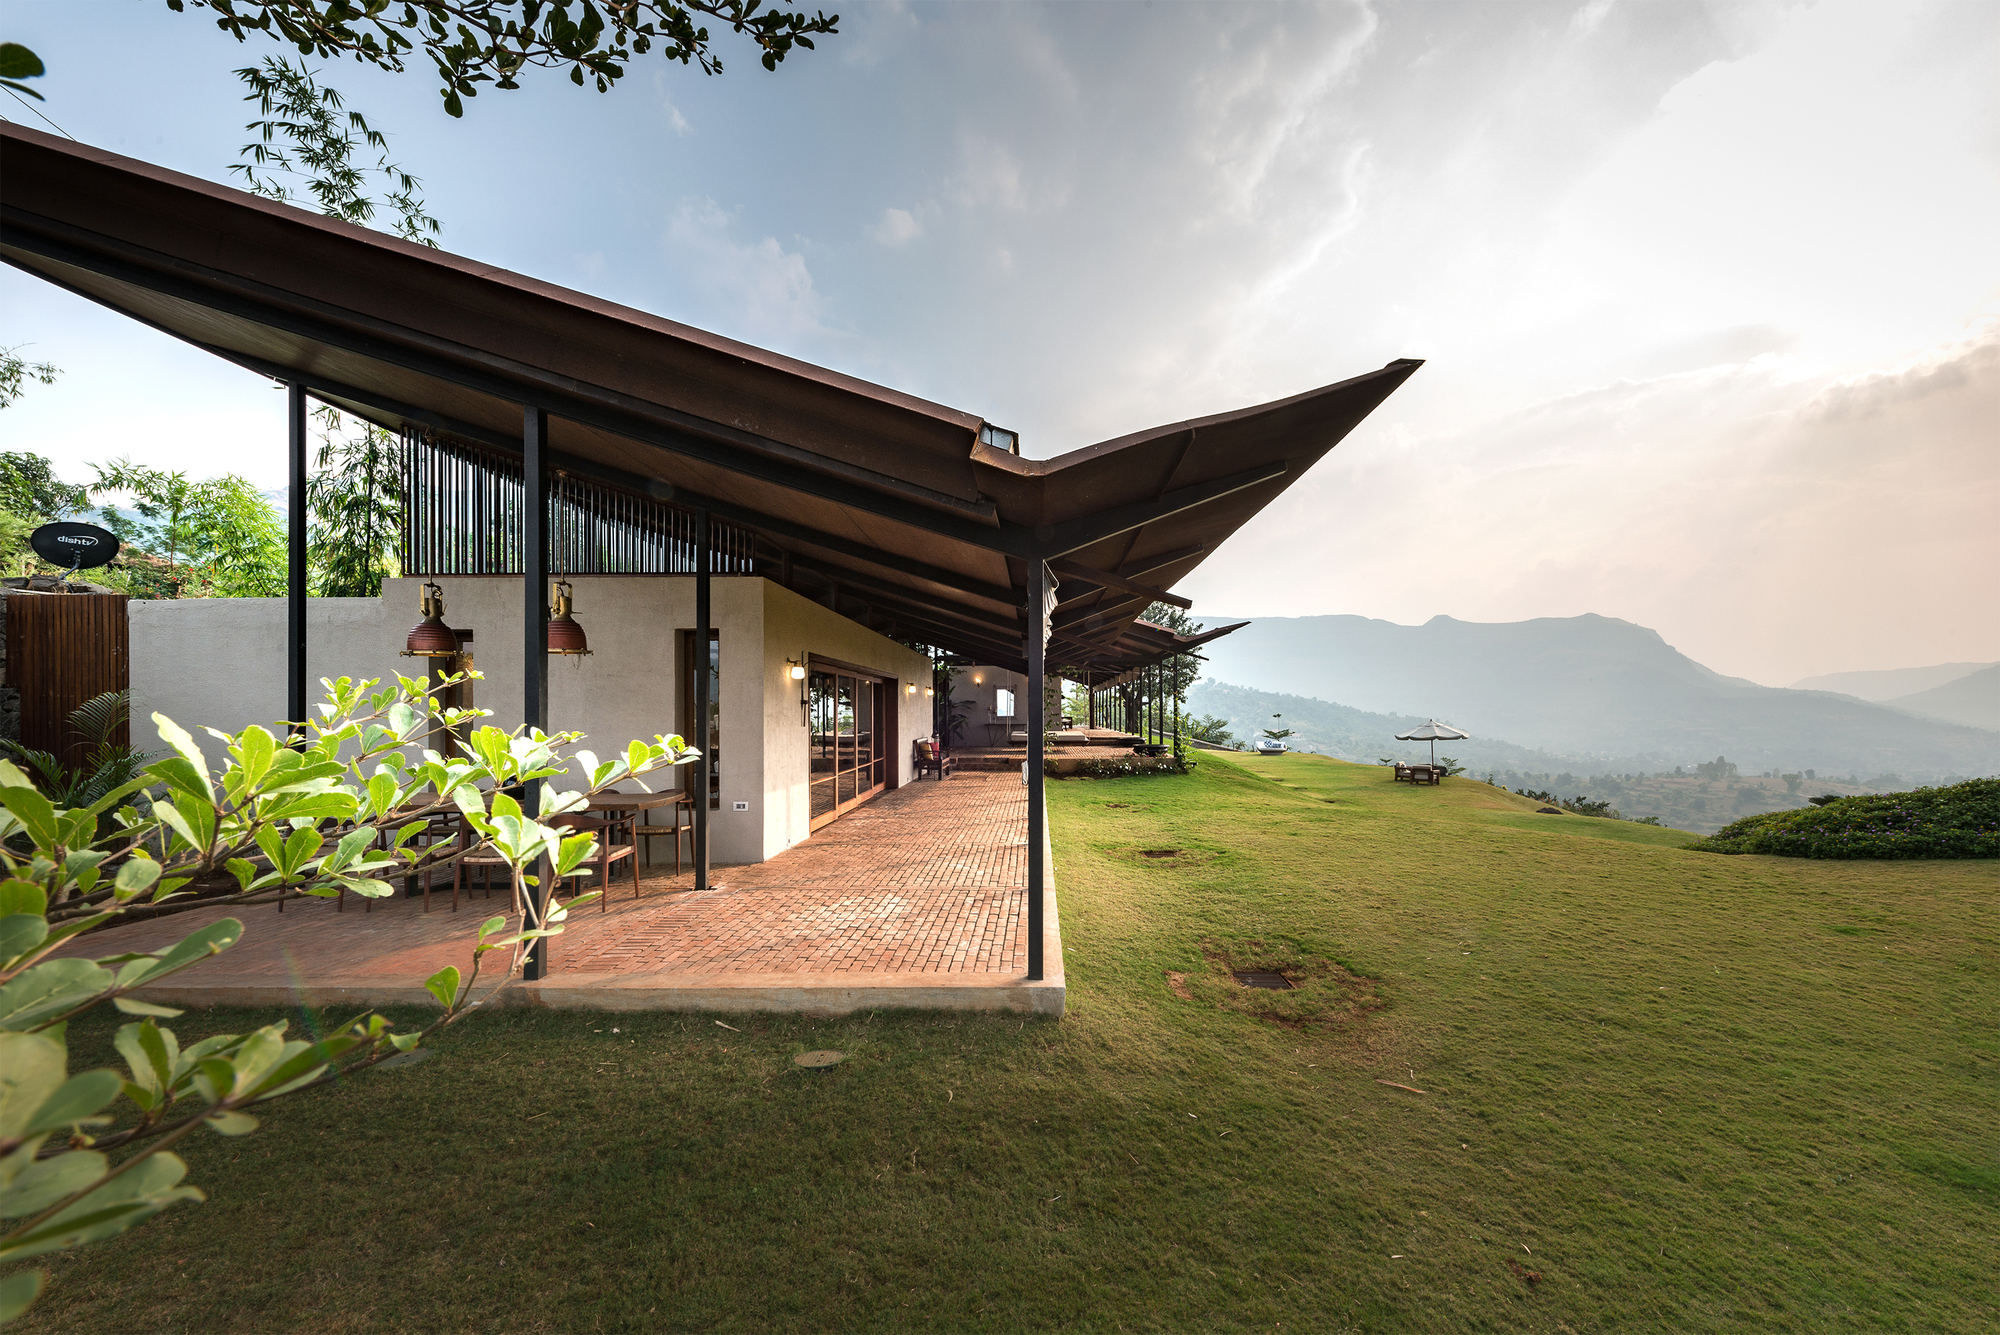 Casa Com Gabi 227 O Spasm Design Archdaily Brasil